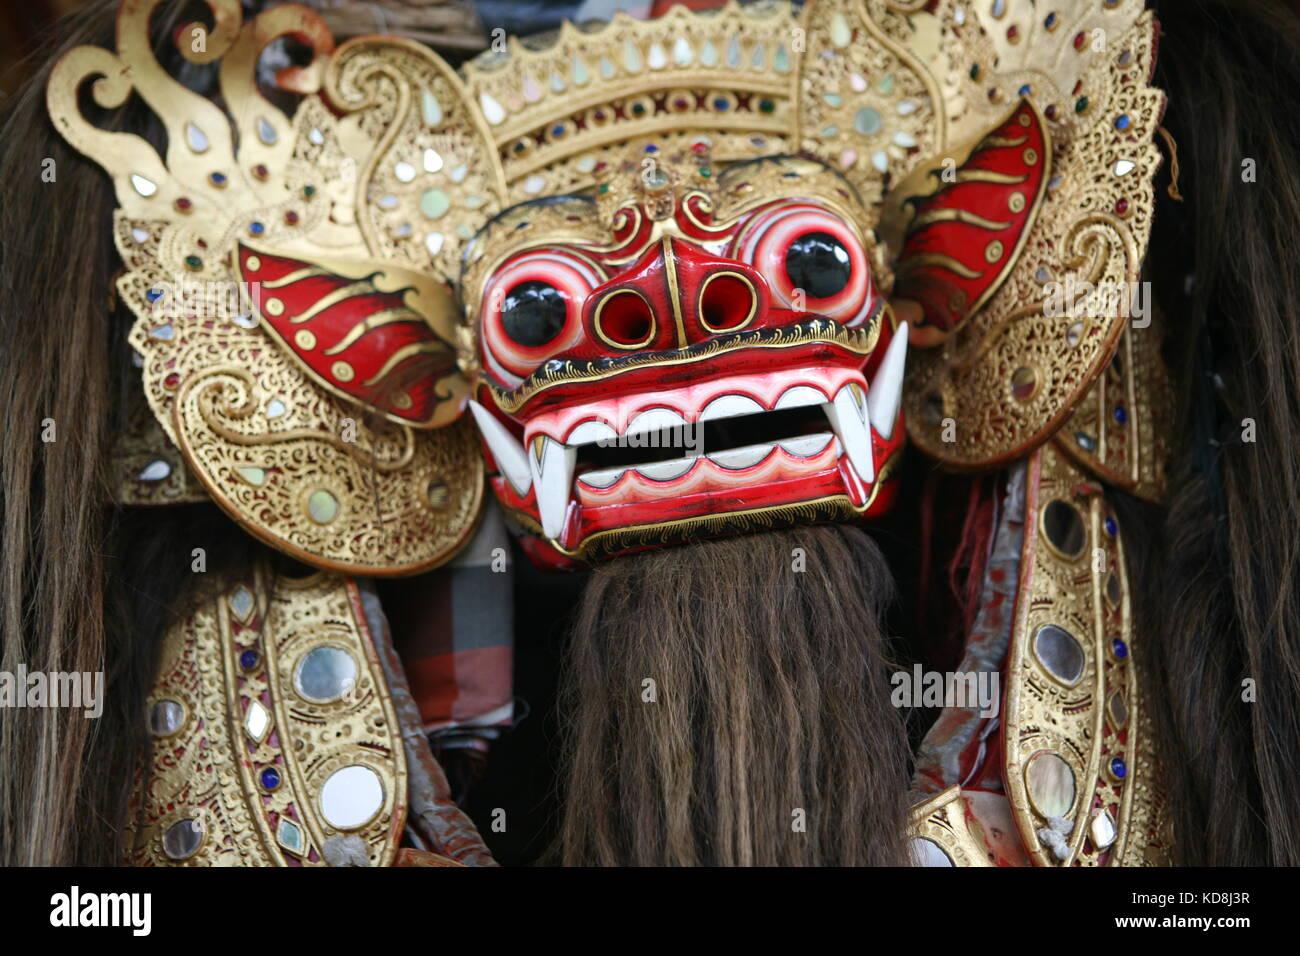 Balineschische Barong Tanzaufführung - Balinese barong dance performance - Stock Image